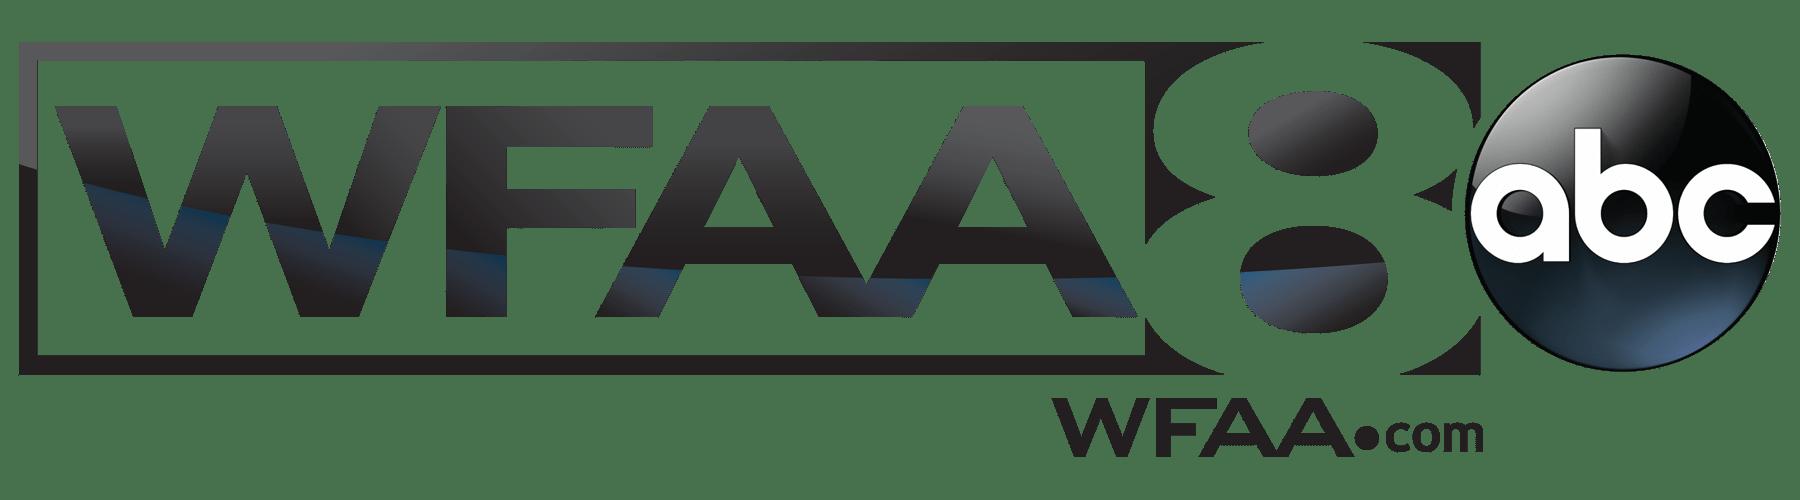 WFAA-logo